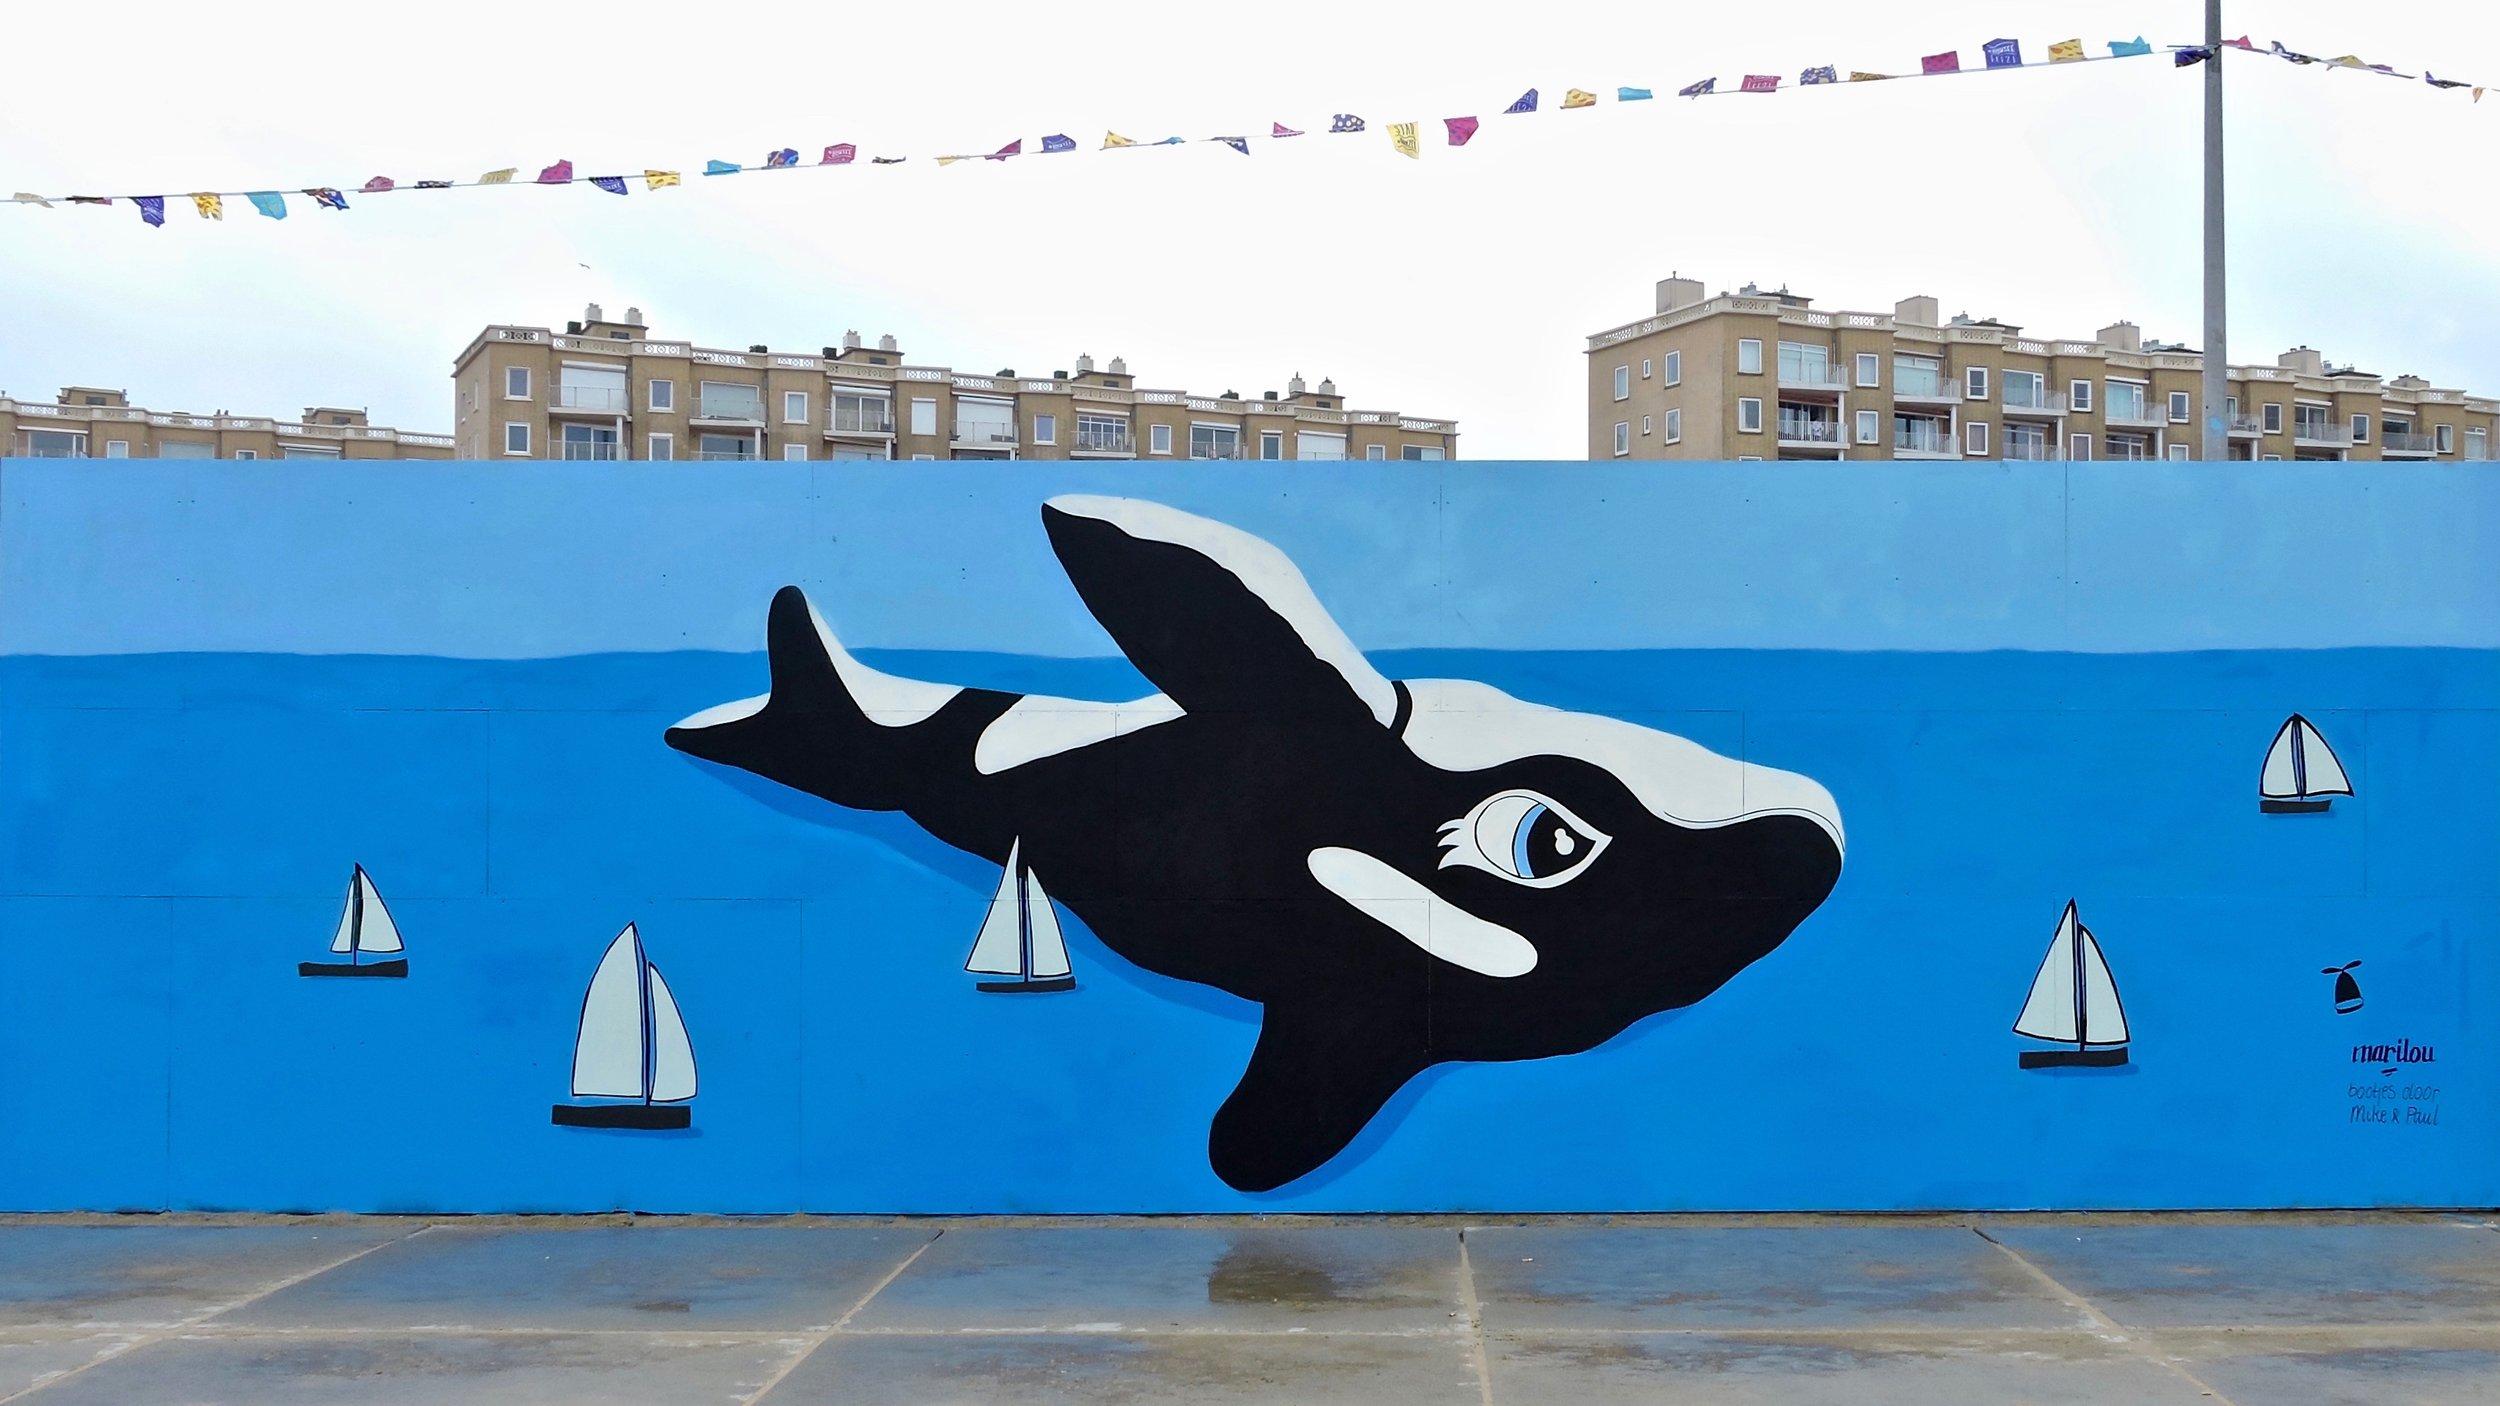 Painting on the beach | The Hague Straat Art - Scheveningen, De Pier Foto: Akbar Simonse